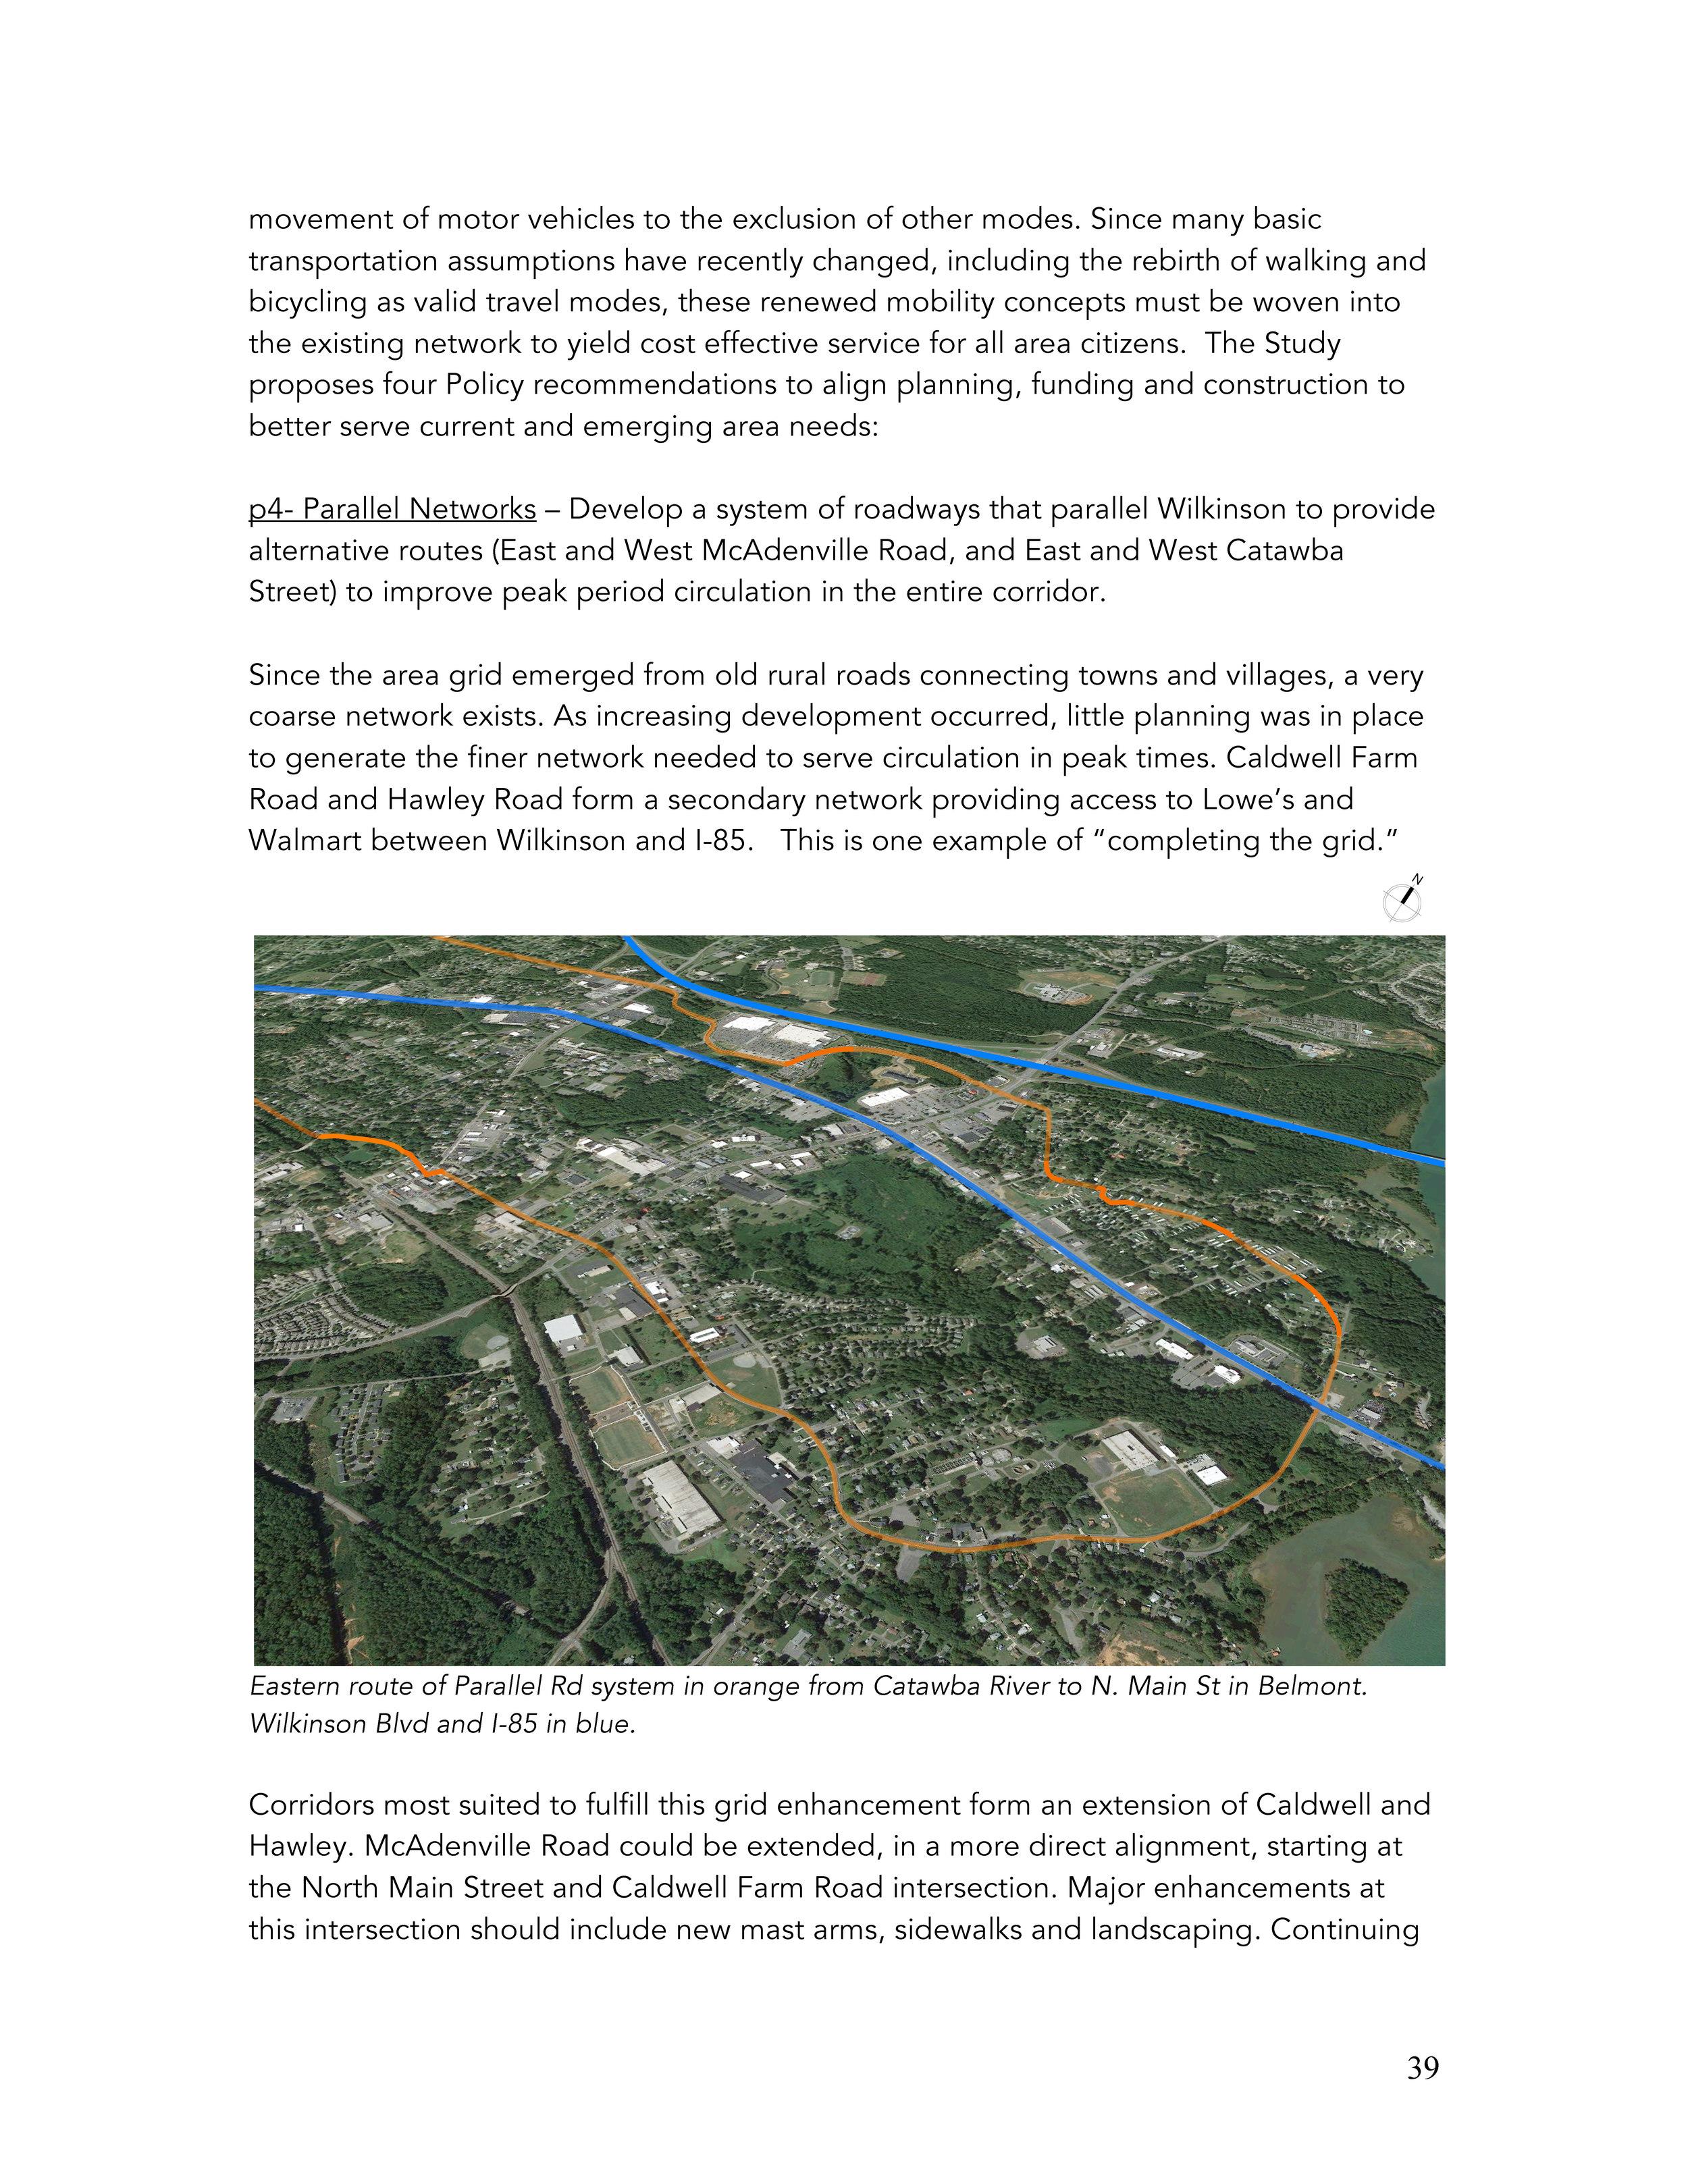 1 WilkinsonBlvd Draft Report 1-22-15 RH_Peter Edit_Page_39.jpg